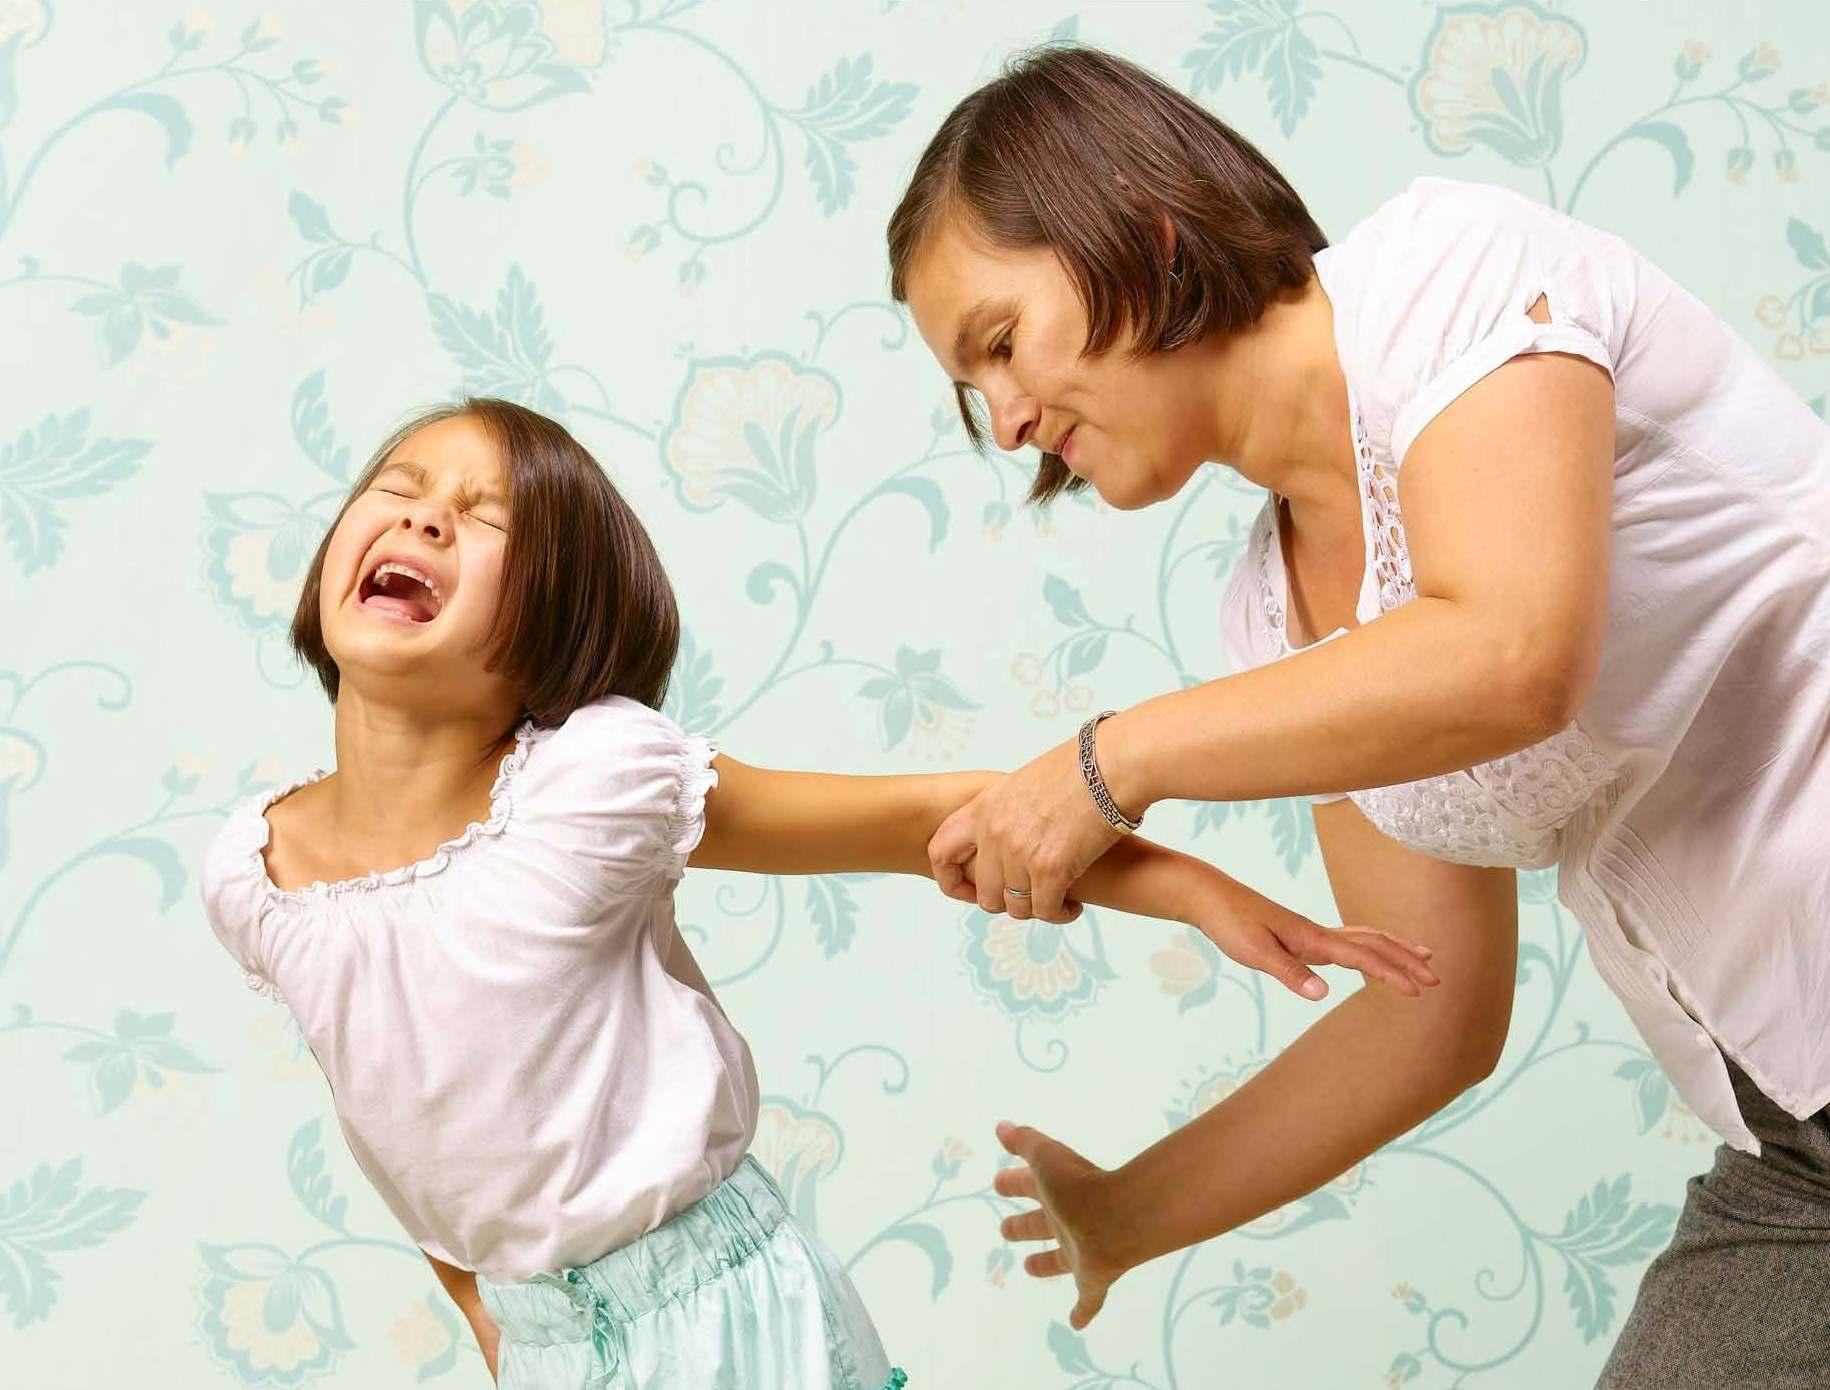 در هنگام تنبیه کودکان چه نکاتی را باید در نظر گرفت؟